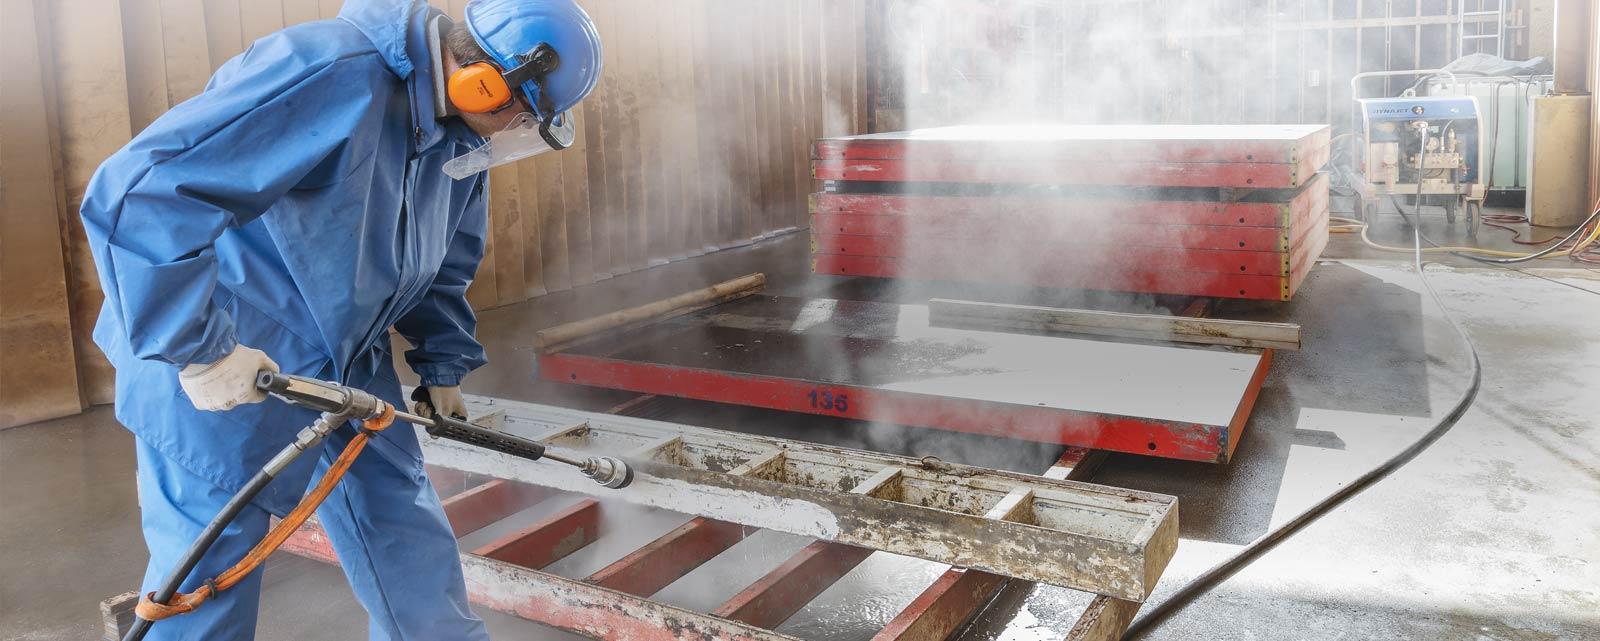 DYNAJET offre toujours l'outil idéal pour répondre aux exigences les plus élevées des chantiers, qu'ils soient de petite ou de grande envergure